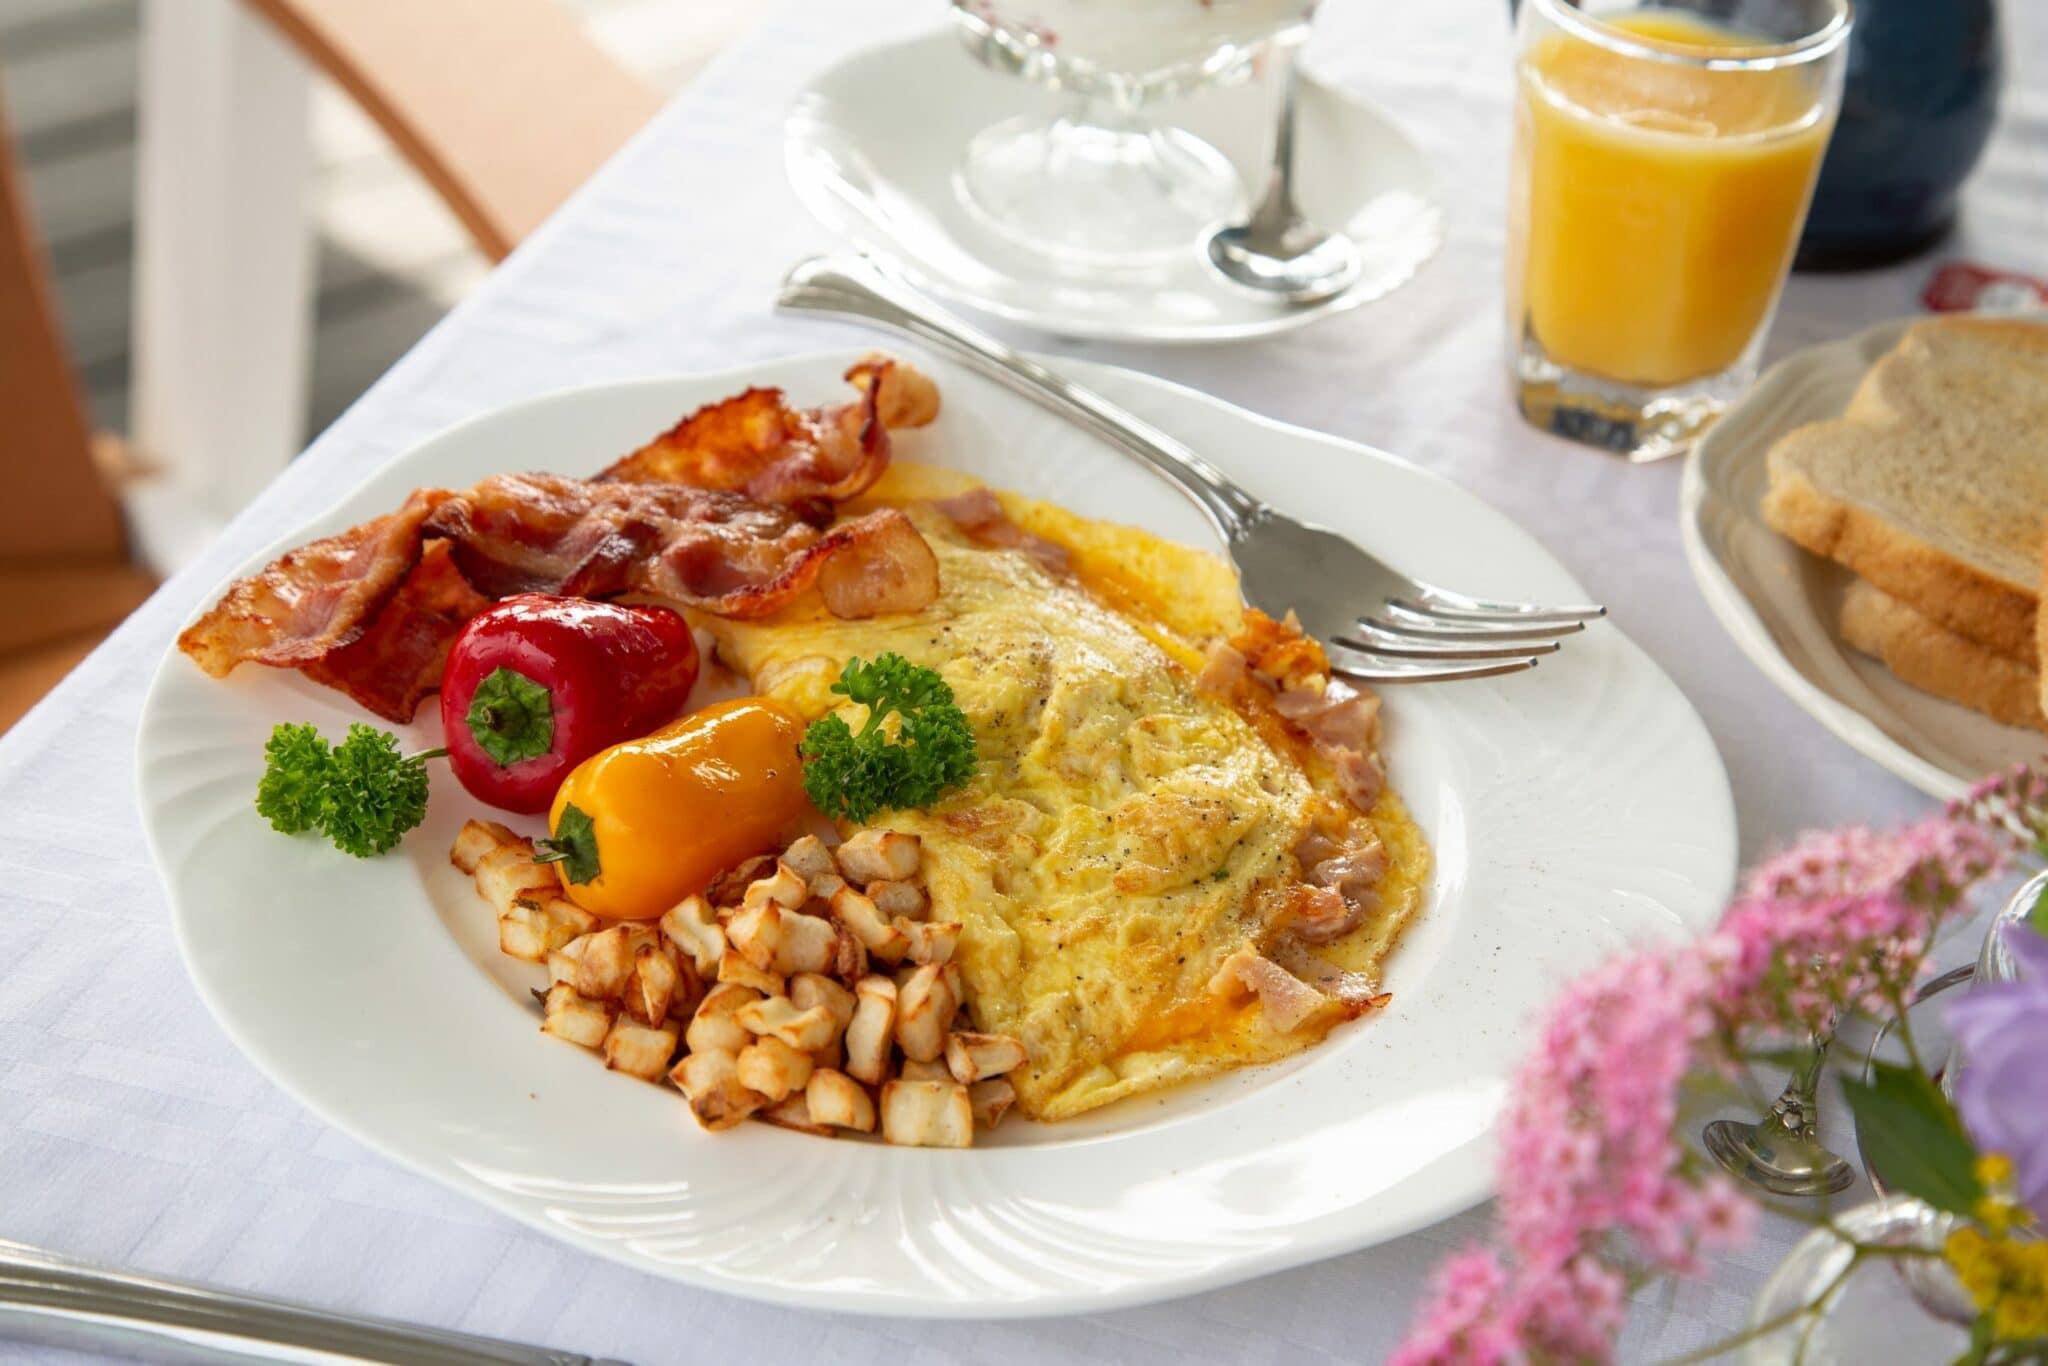 Brierley-Hill-U-Food-Breakfast-11-min